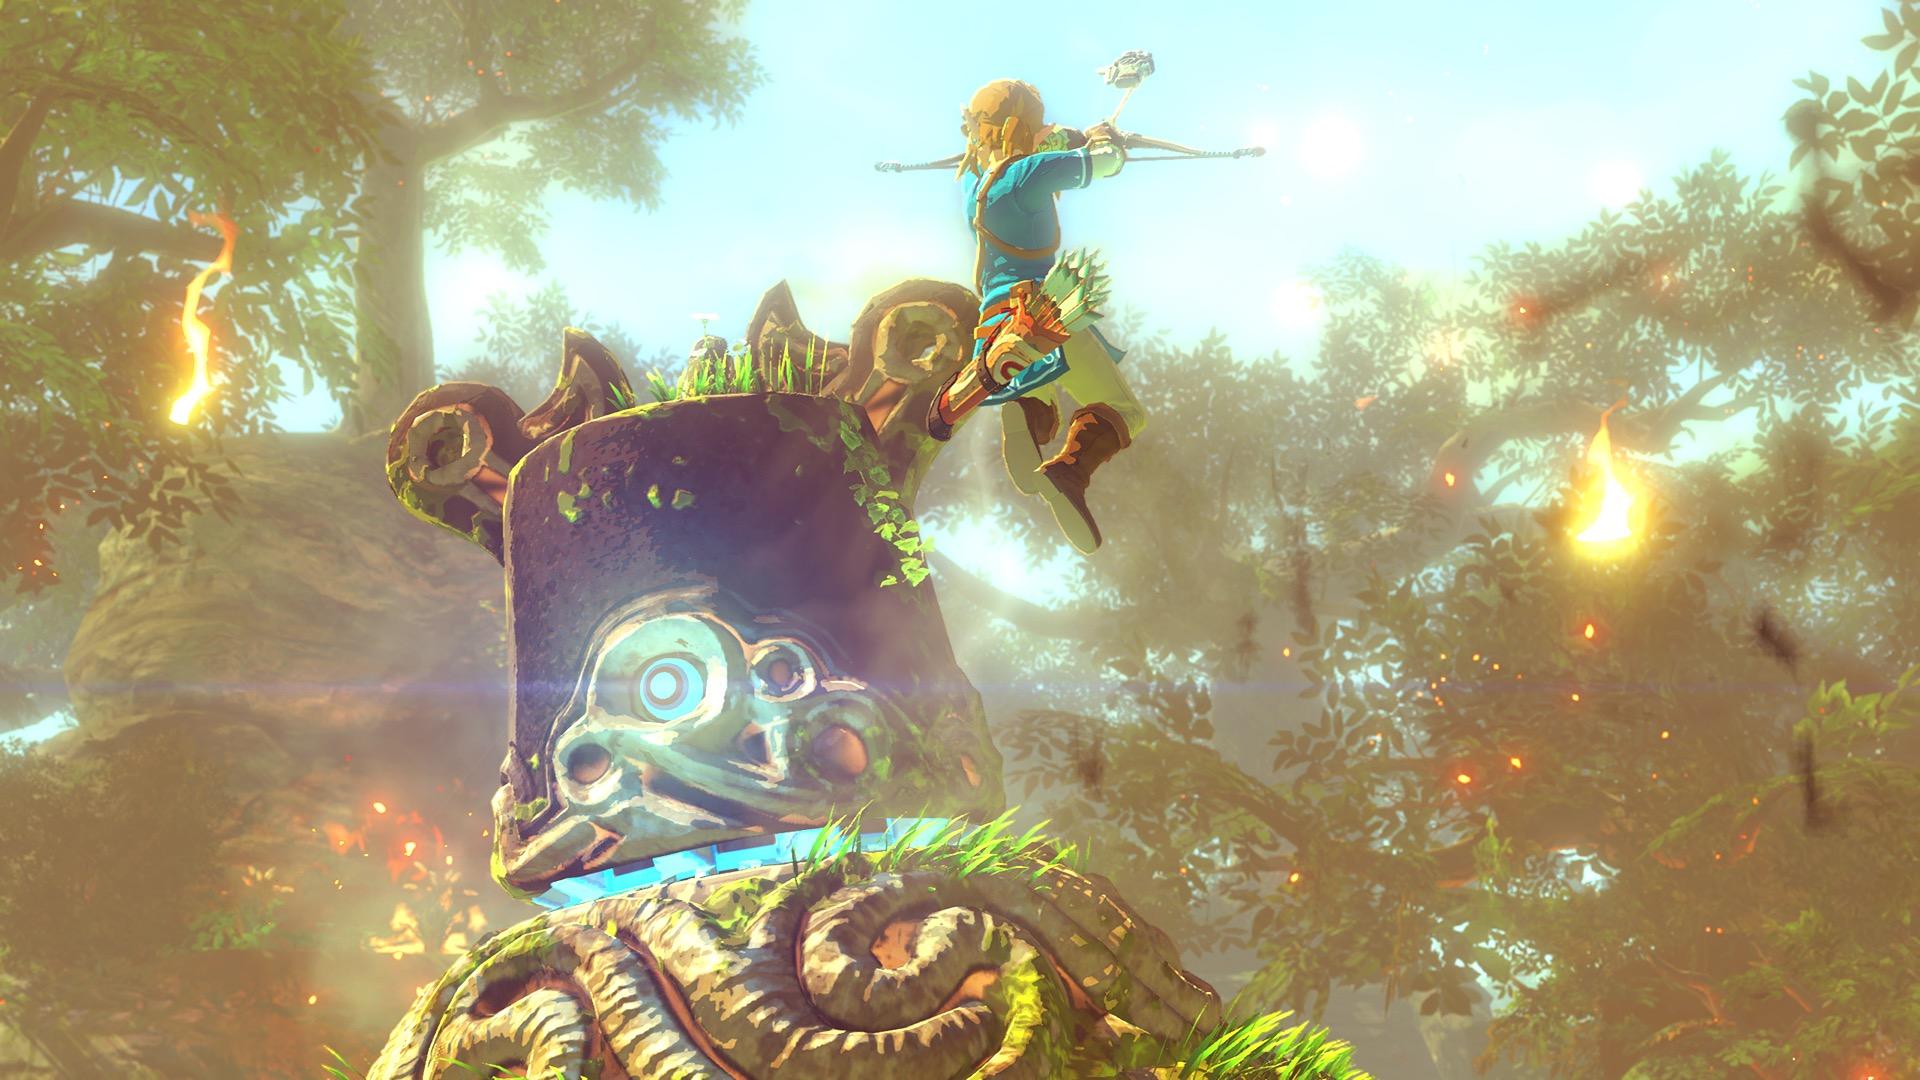 [Bild: WiiU_Zelda_scrn04_E3.jpg]